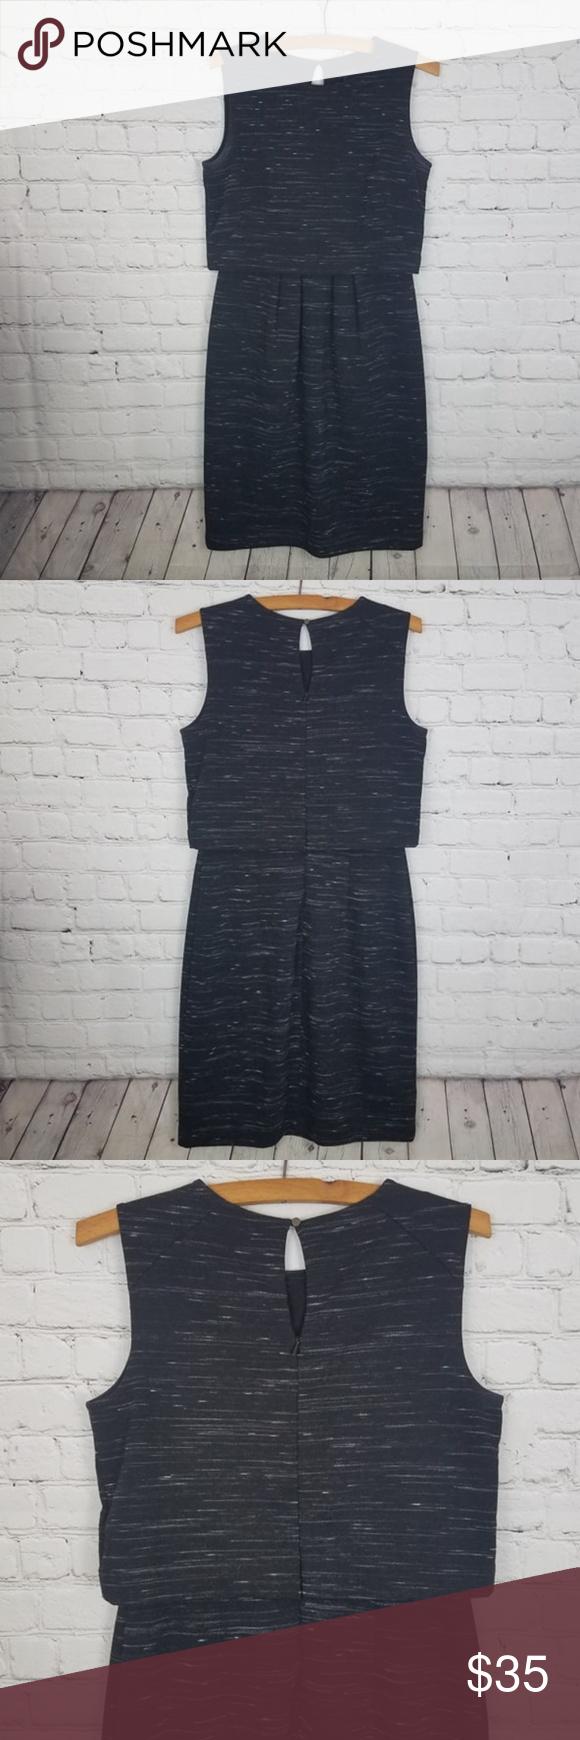 Ann Taylor Black Heather Dress Size 4t Tall Classy Dress Dresses Ann Taylor Dresses [ 1740 x 580 Pixel ]